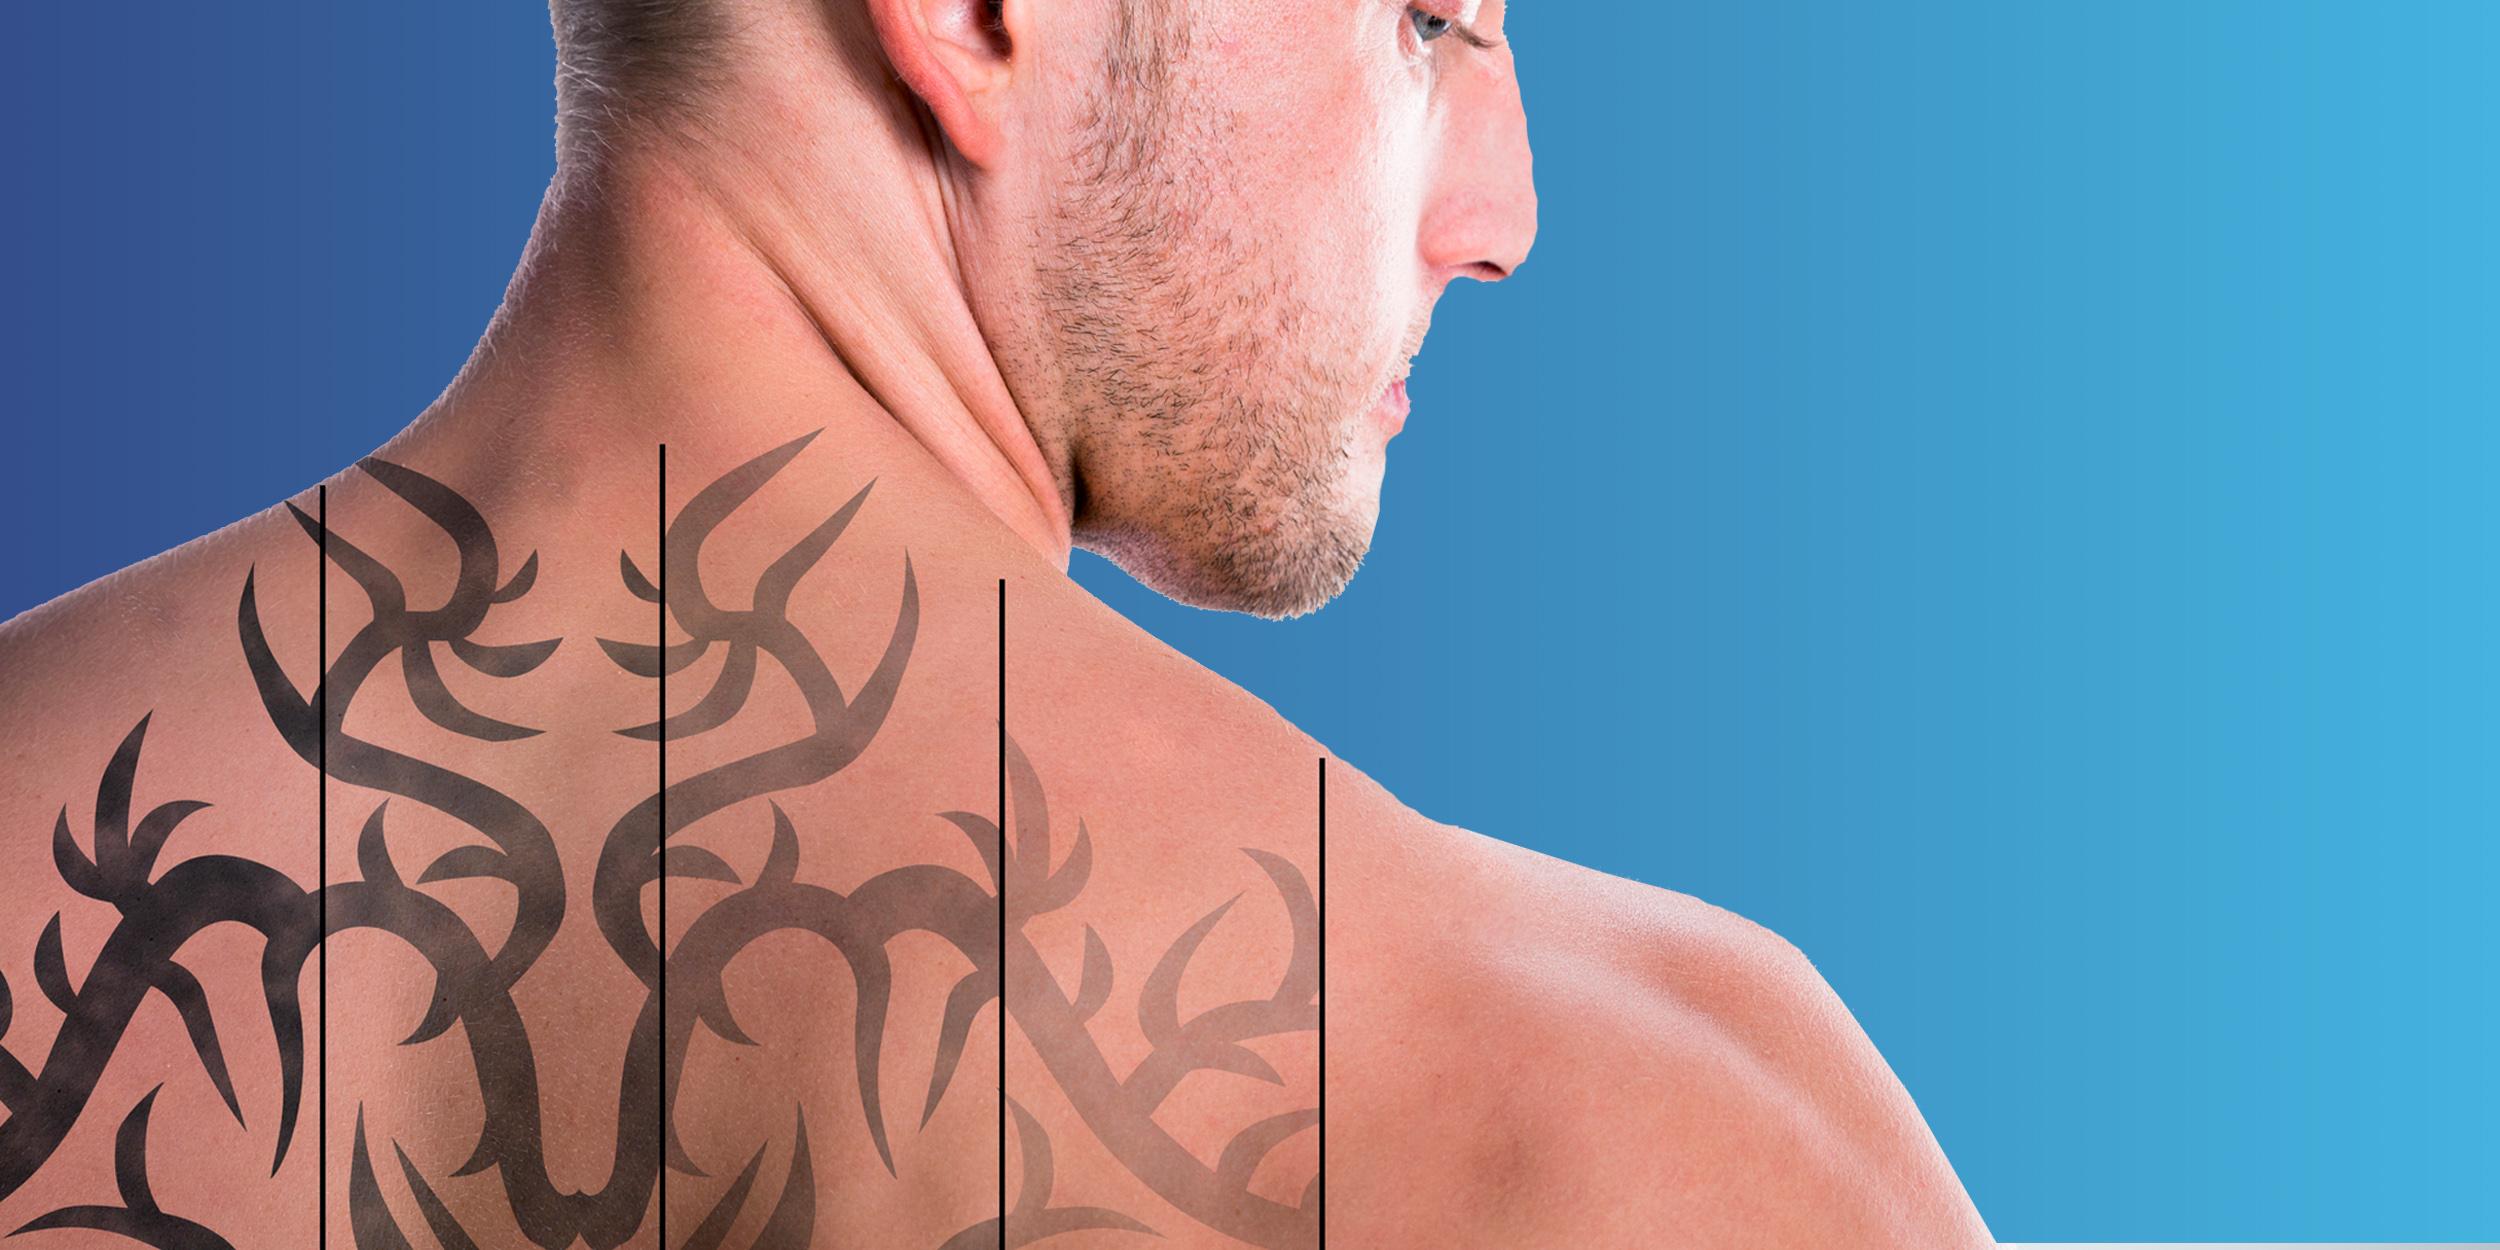 Лазерное удаление татуировки: что стоит знать, прежде чем решиться ...